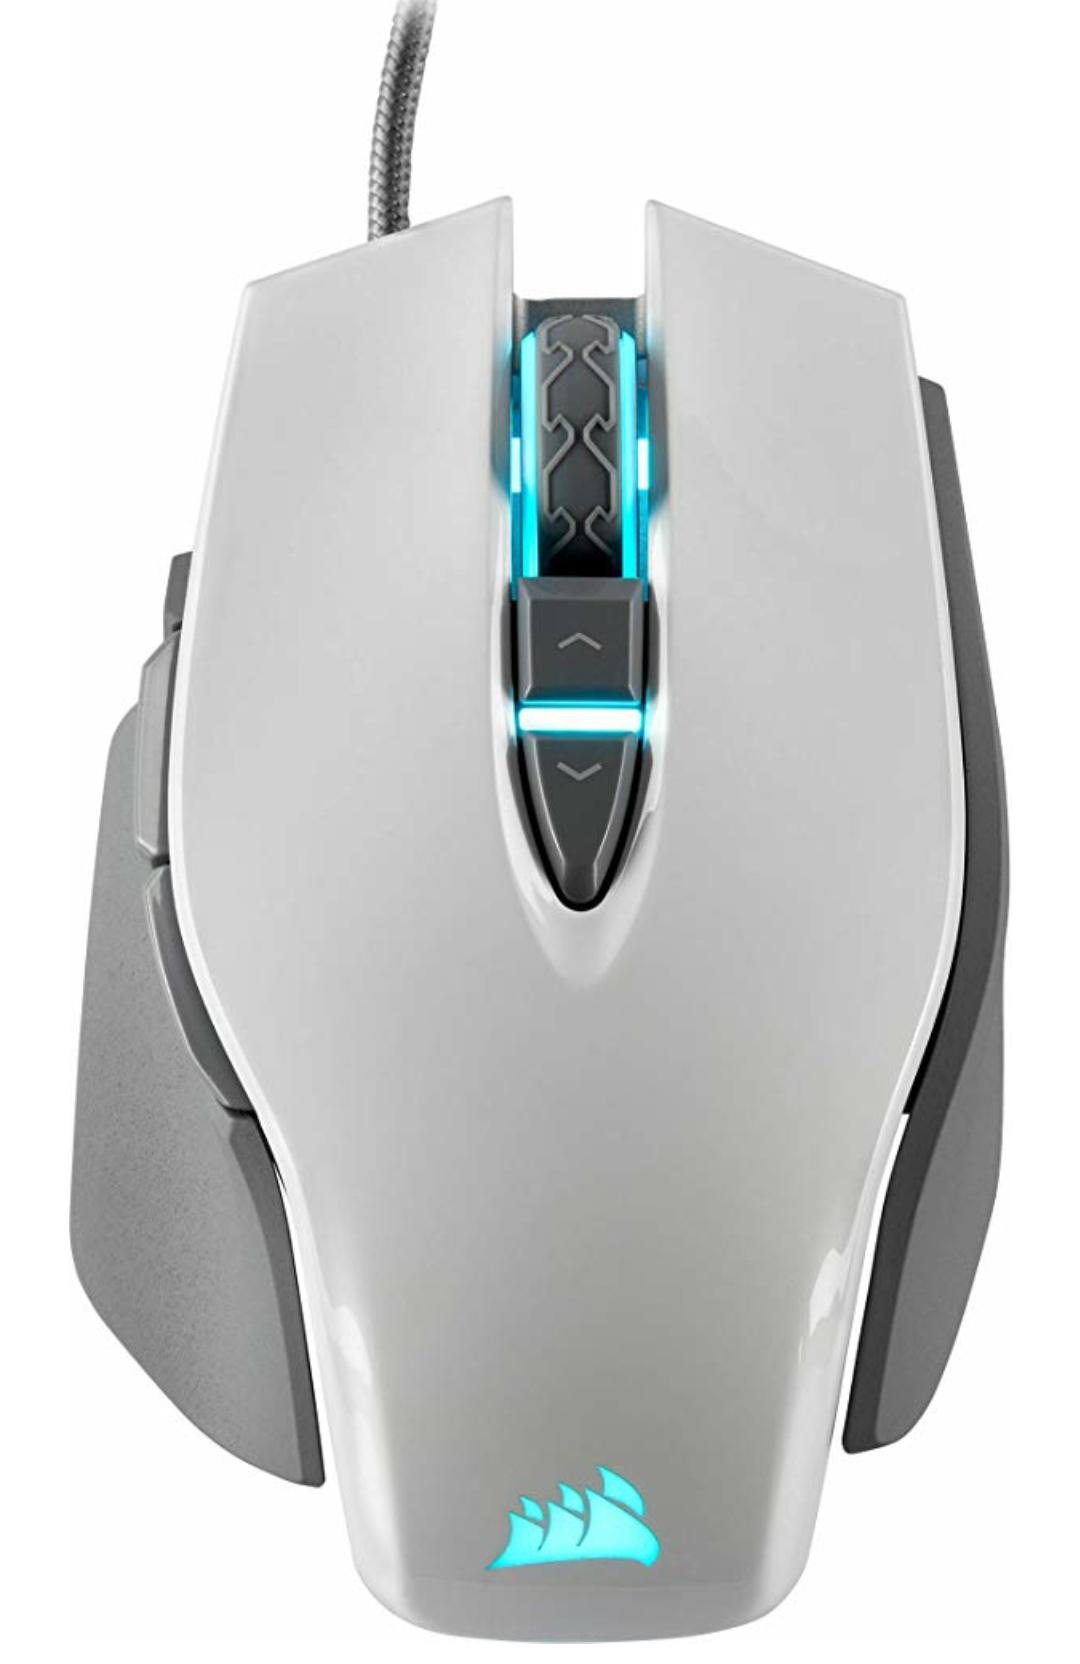 Corsair M65 Elite RGB FPS Gaming Laser Maus (18.000 DPI optischer Sensor, RGB LED Beleuchtung, Anpassbares Gewichtssystem) weiß